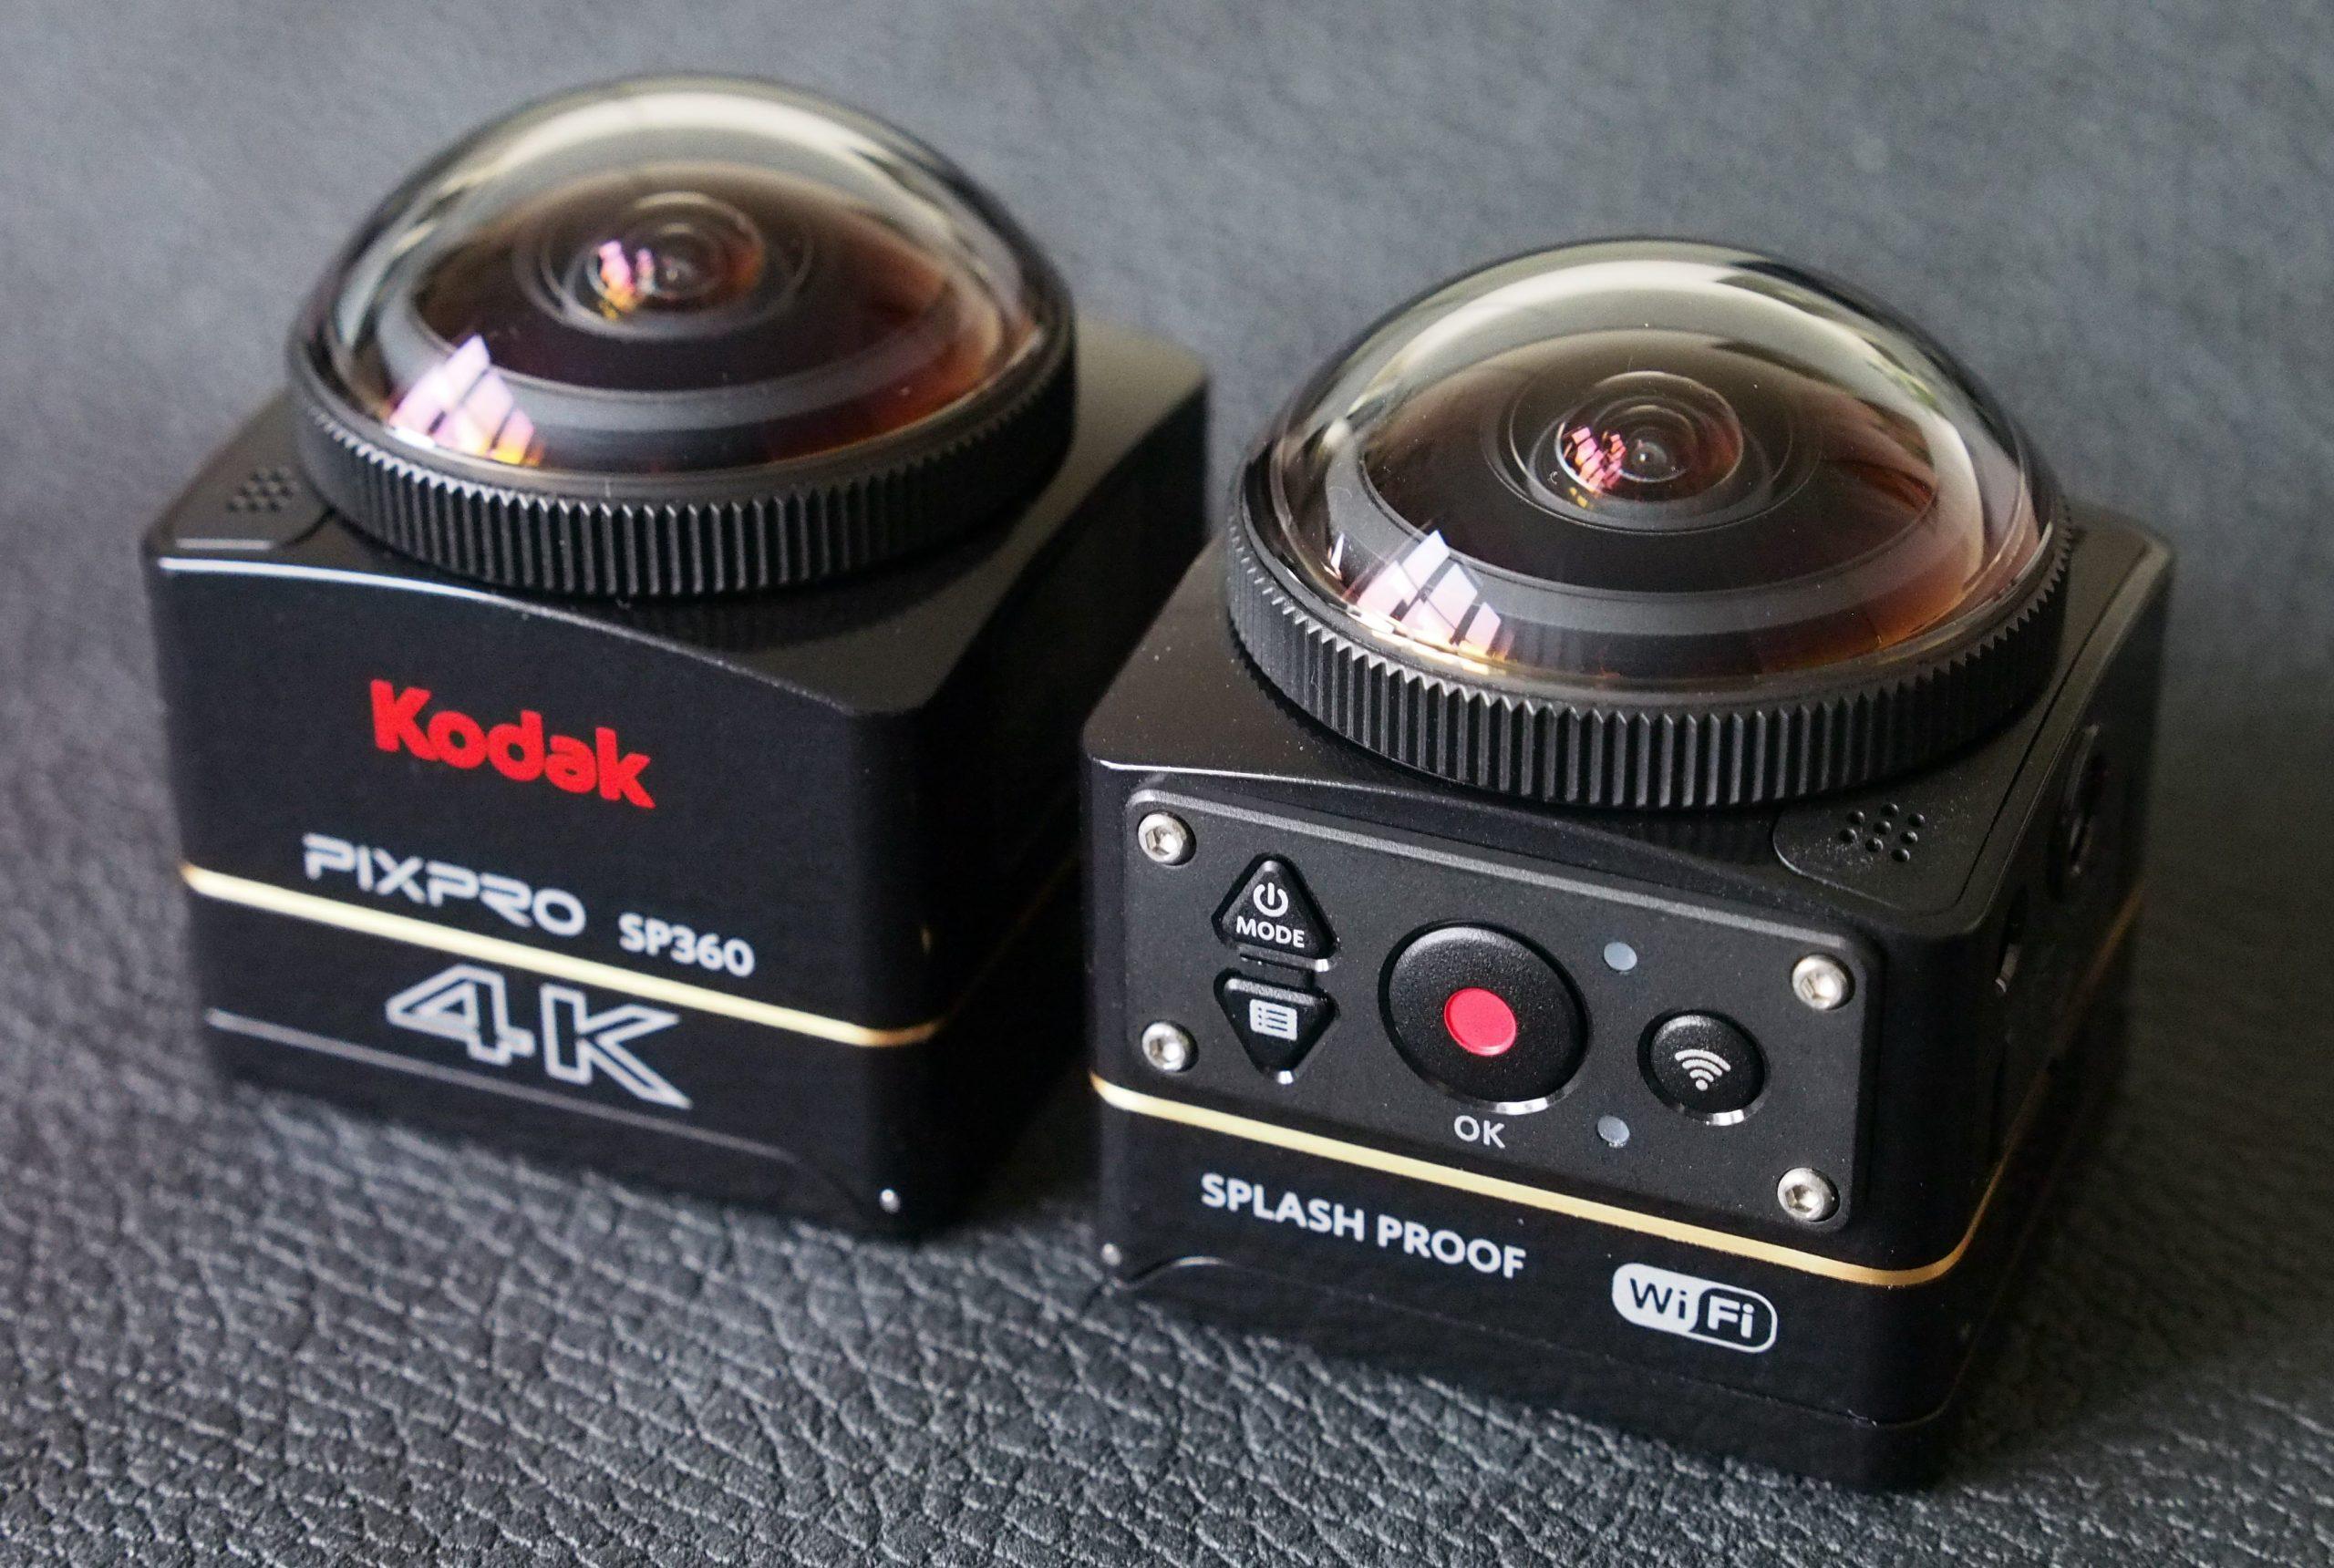 kodak 360 graden camera